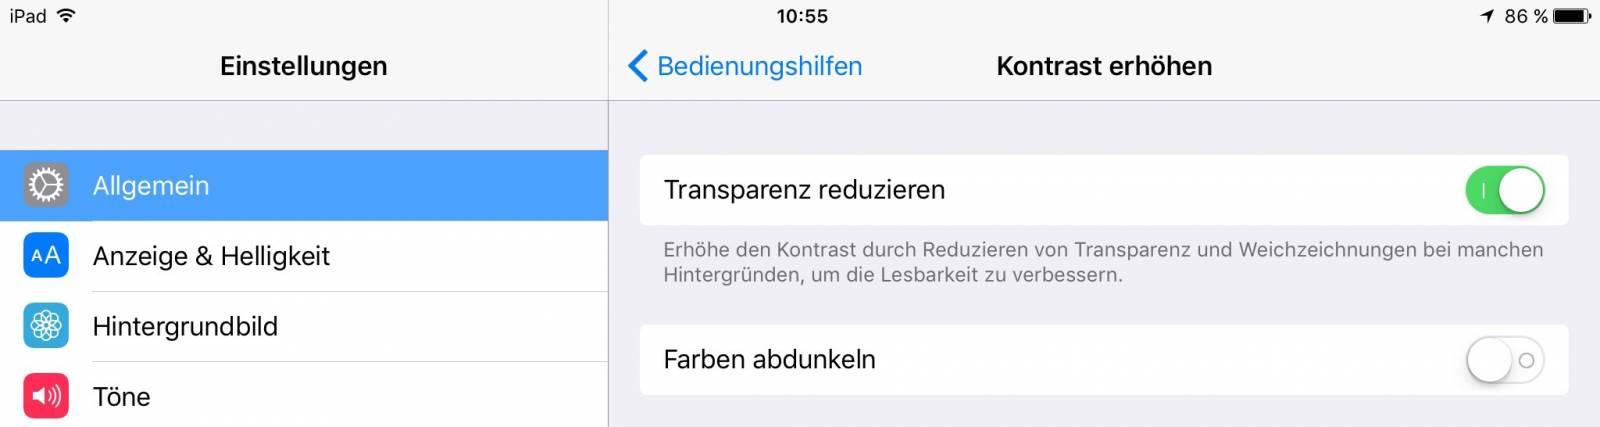 transparenz1